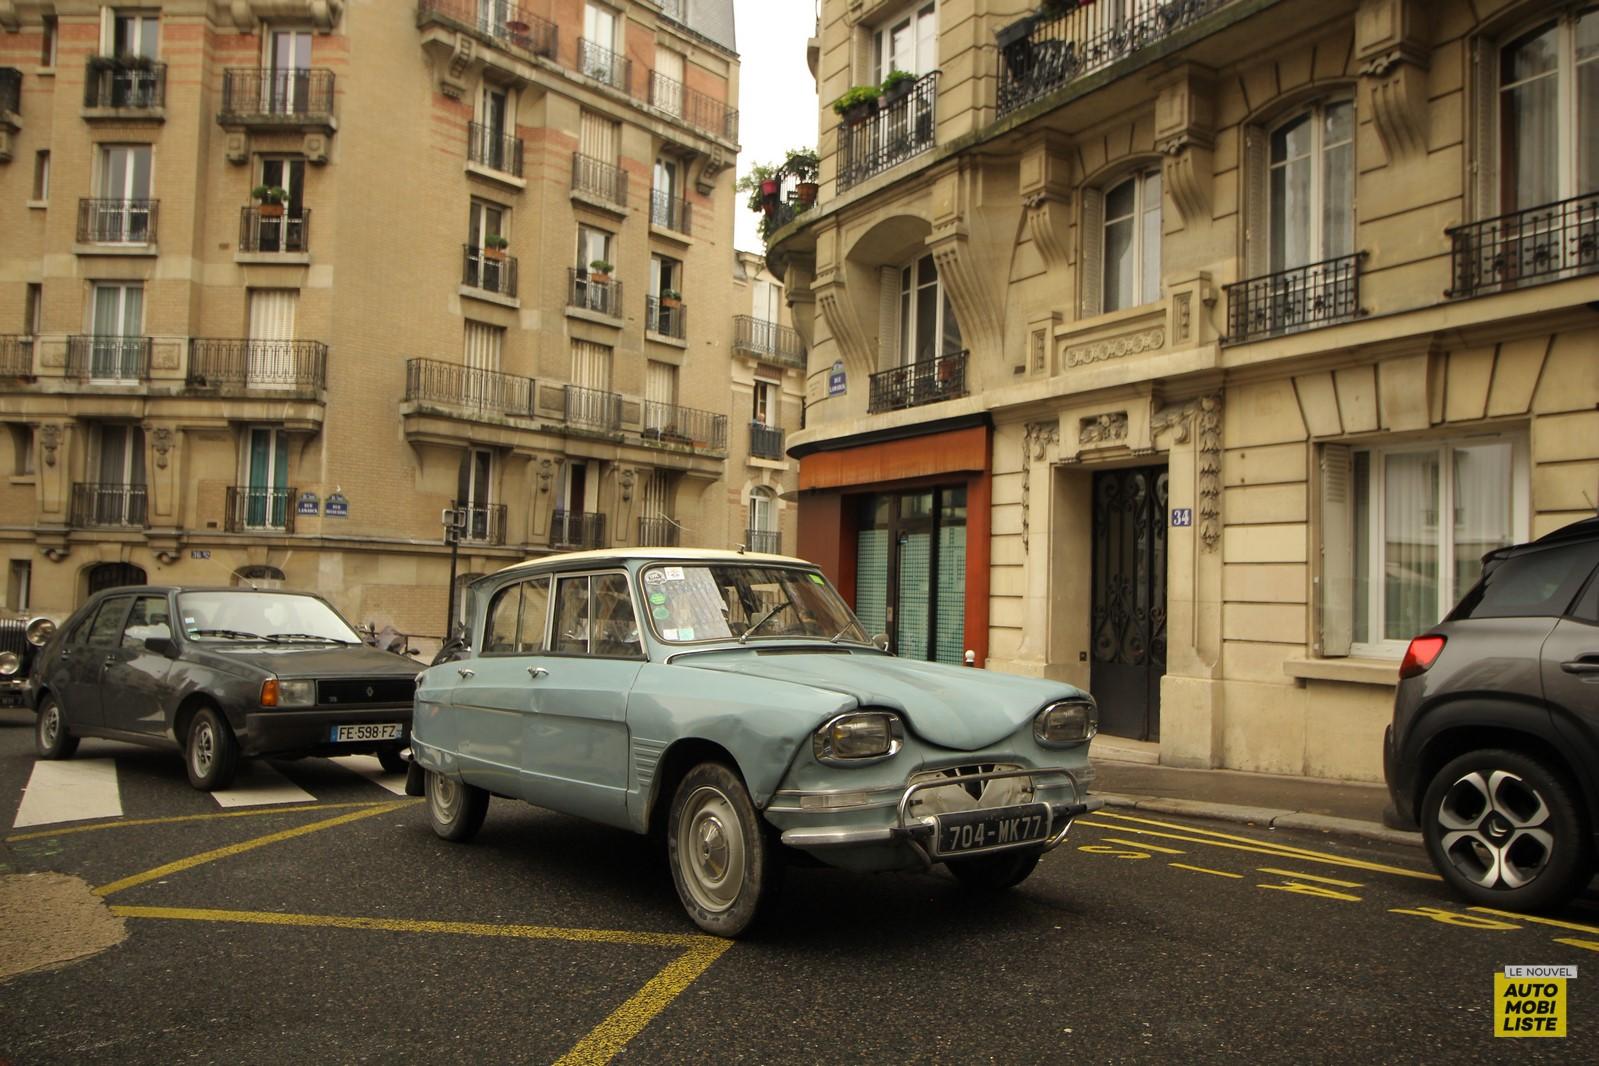 Traversee de Paris LNA Thibaut Dumoulin 20